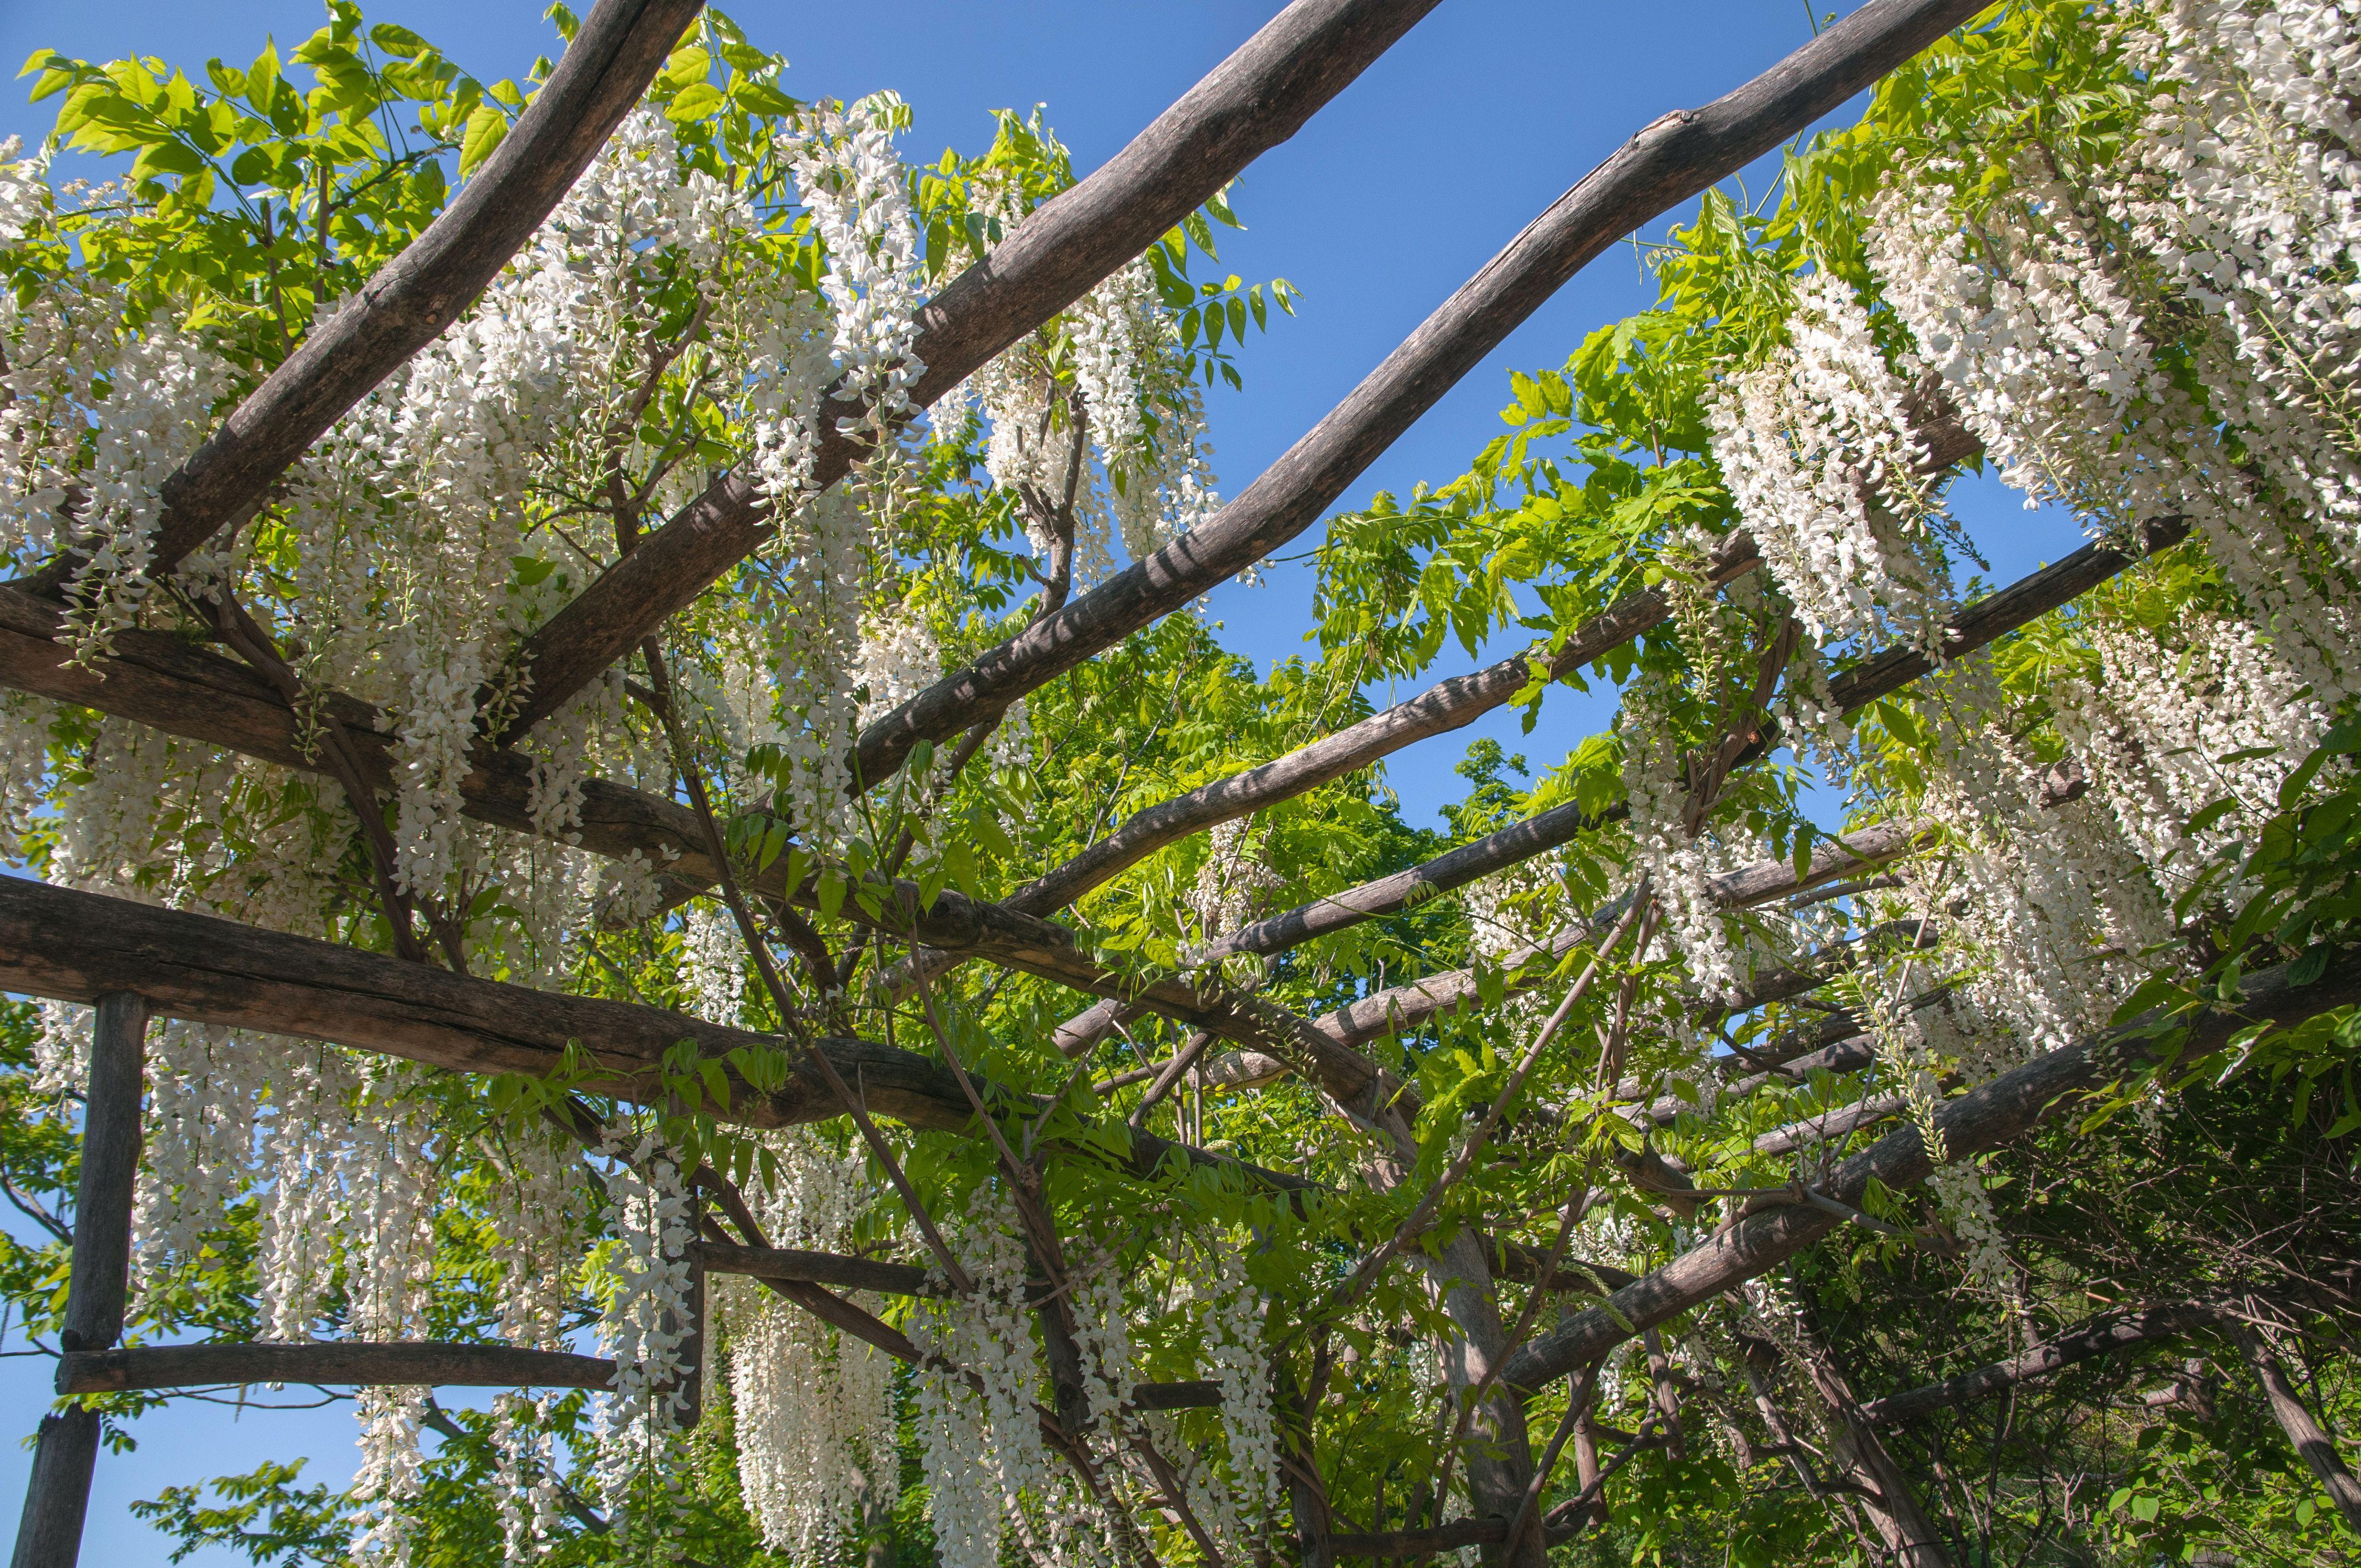 Best Vines for Pergolas and Arbors